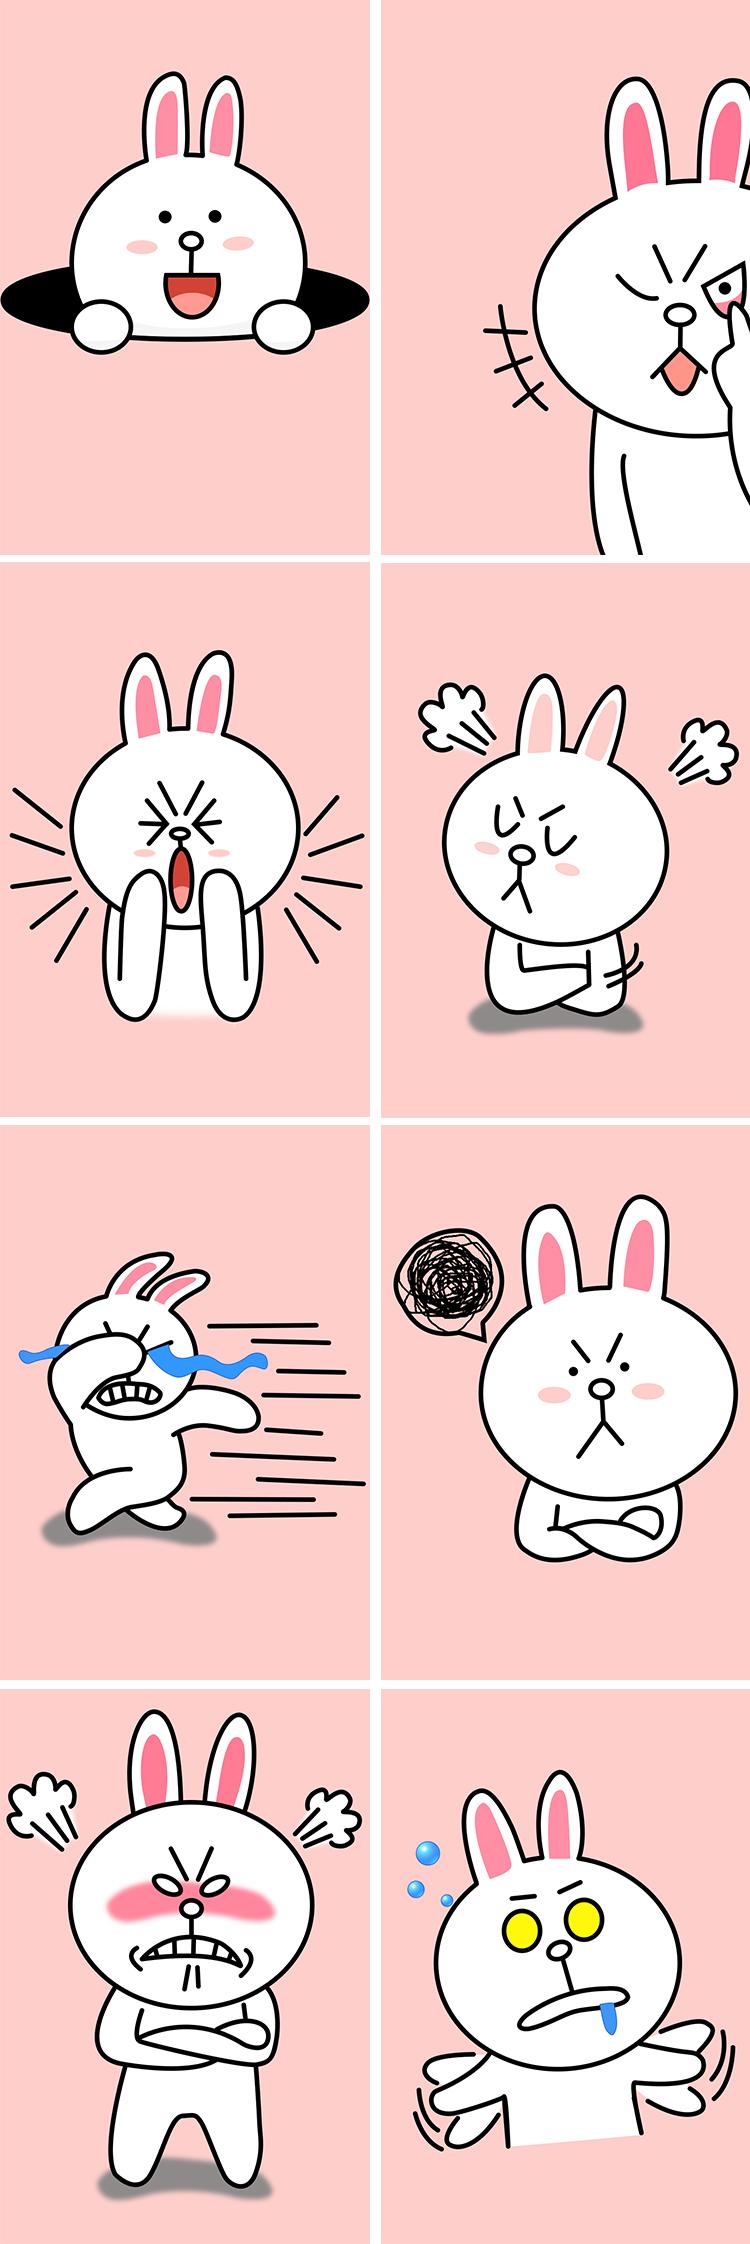 手绘动漫版萌兔子